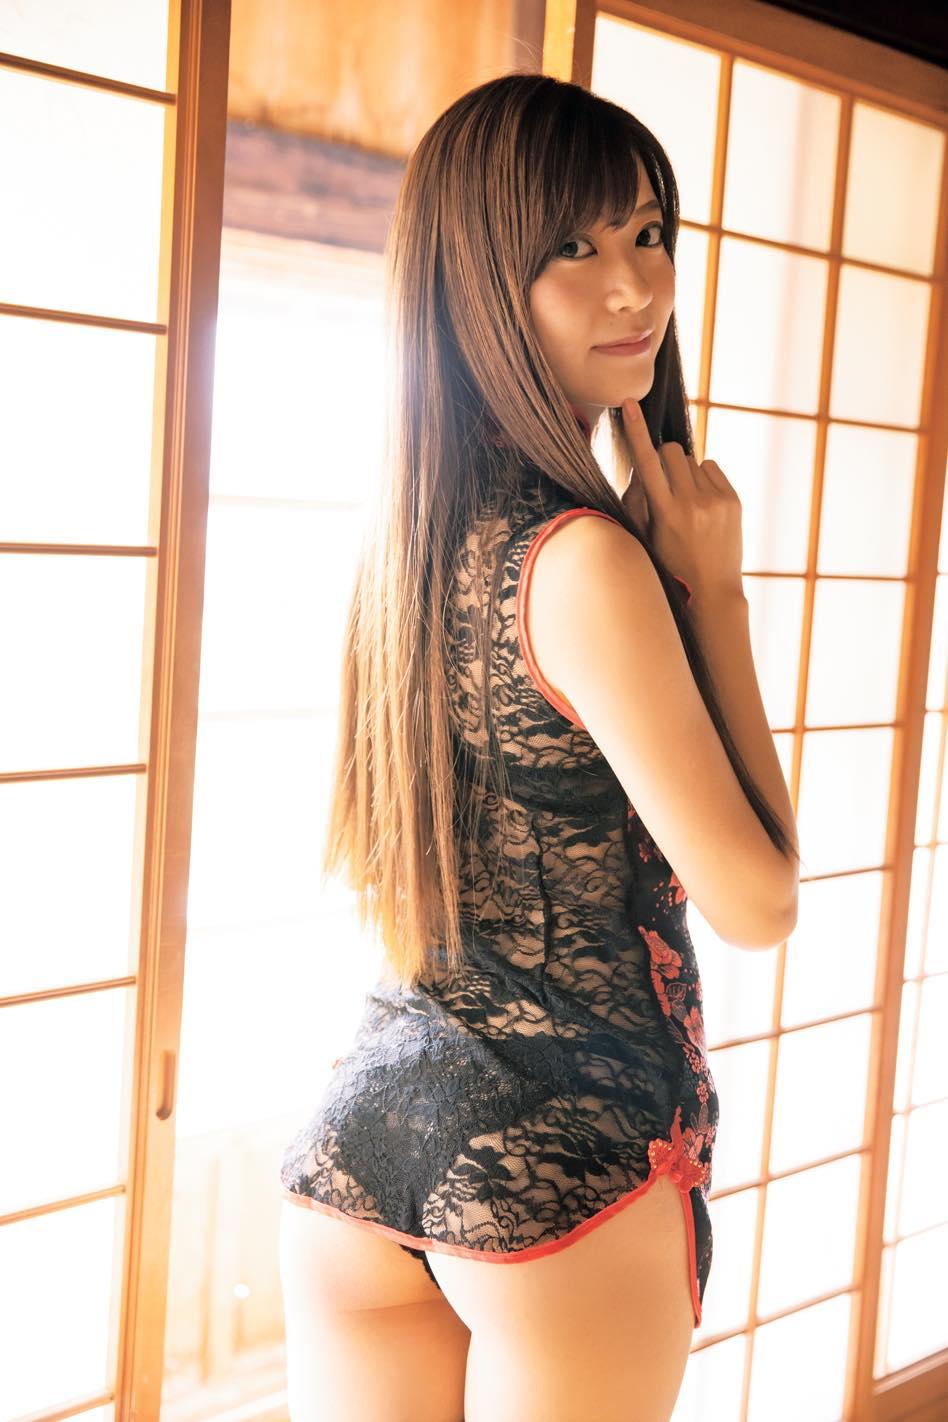 田中めい「ちっぱい美女」にはハイレグがよく似合う【写真7枚】の画像004